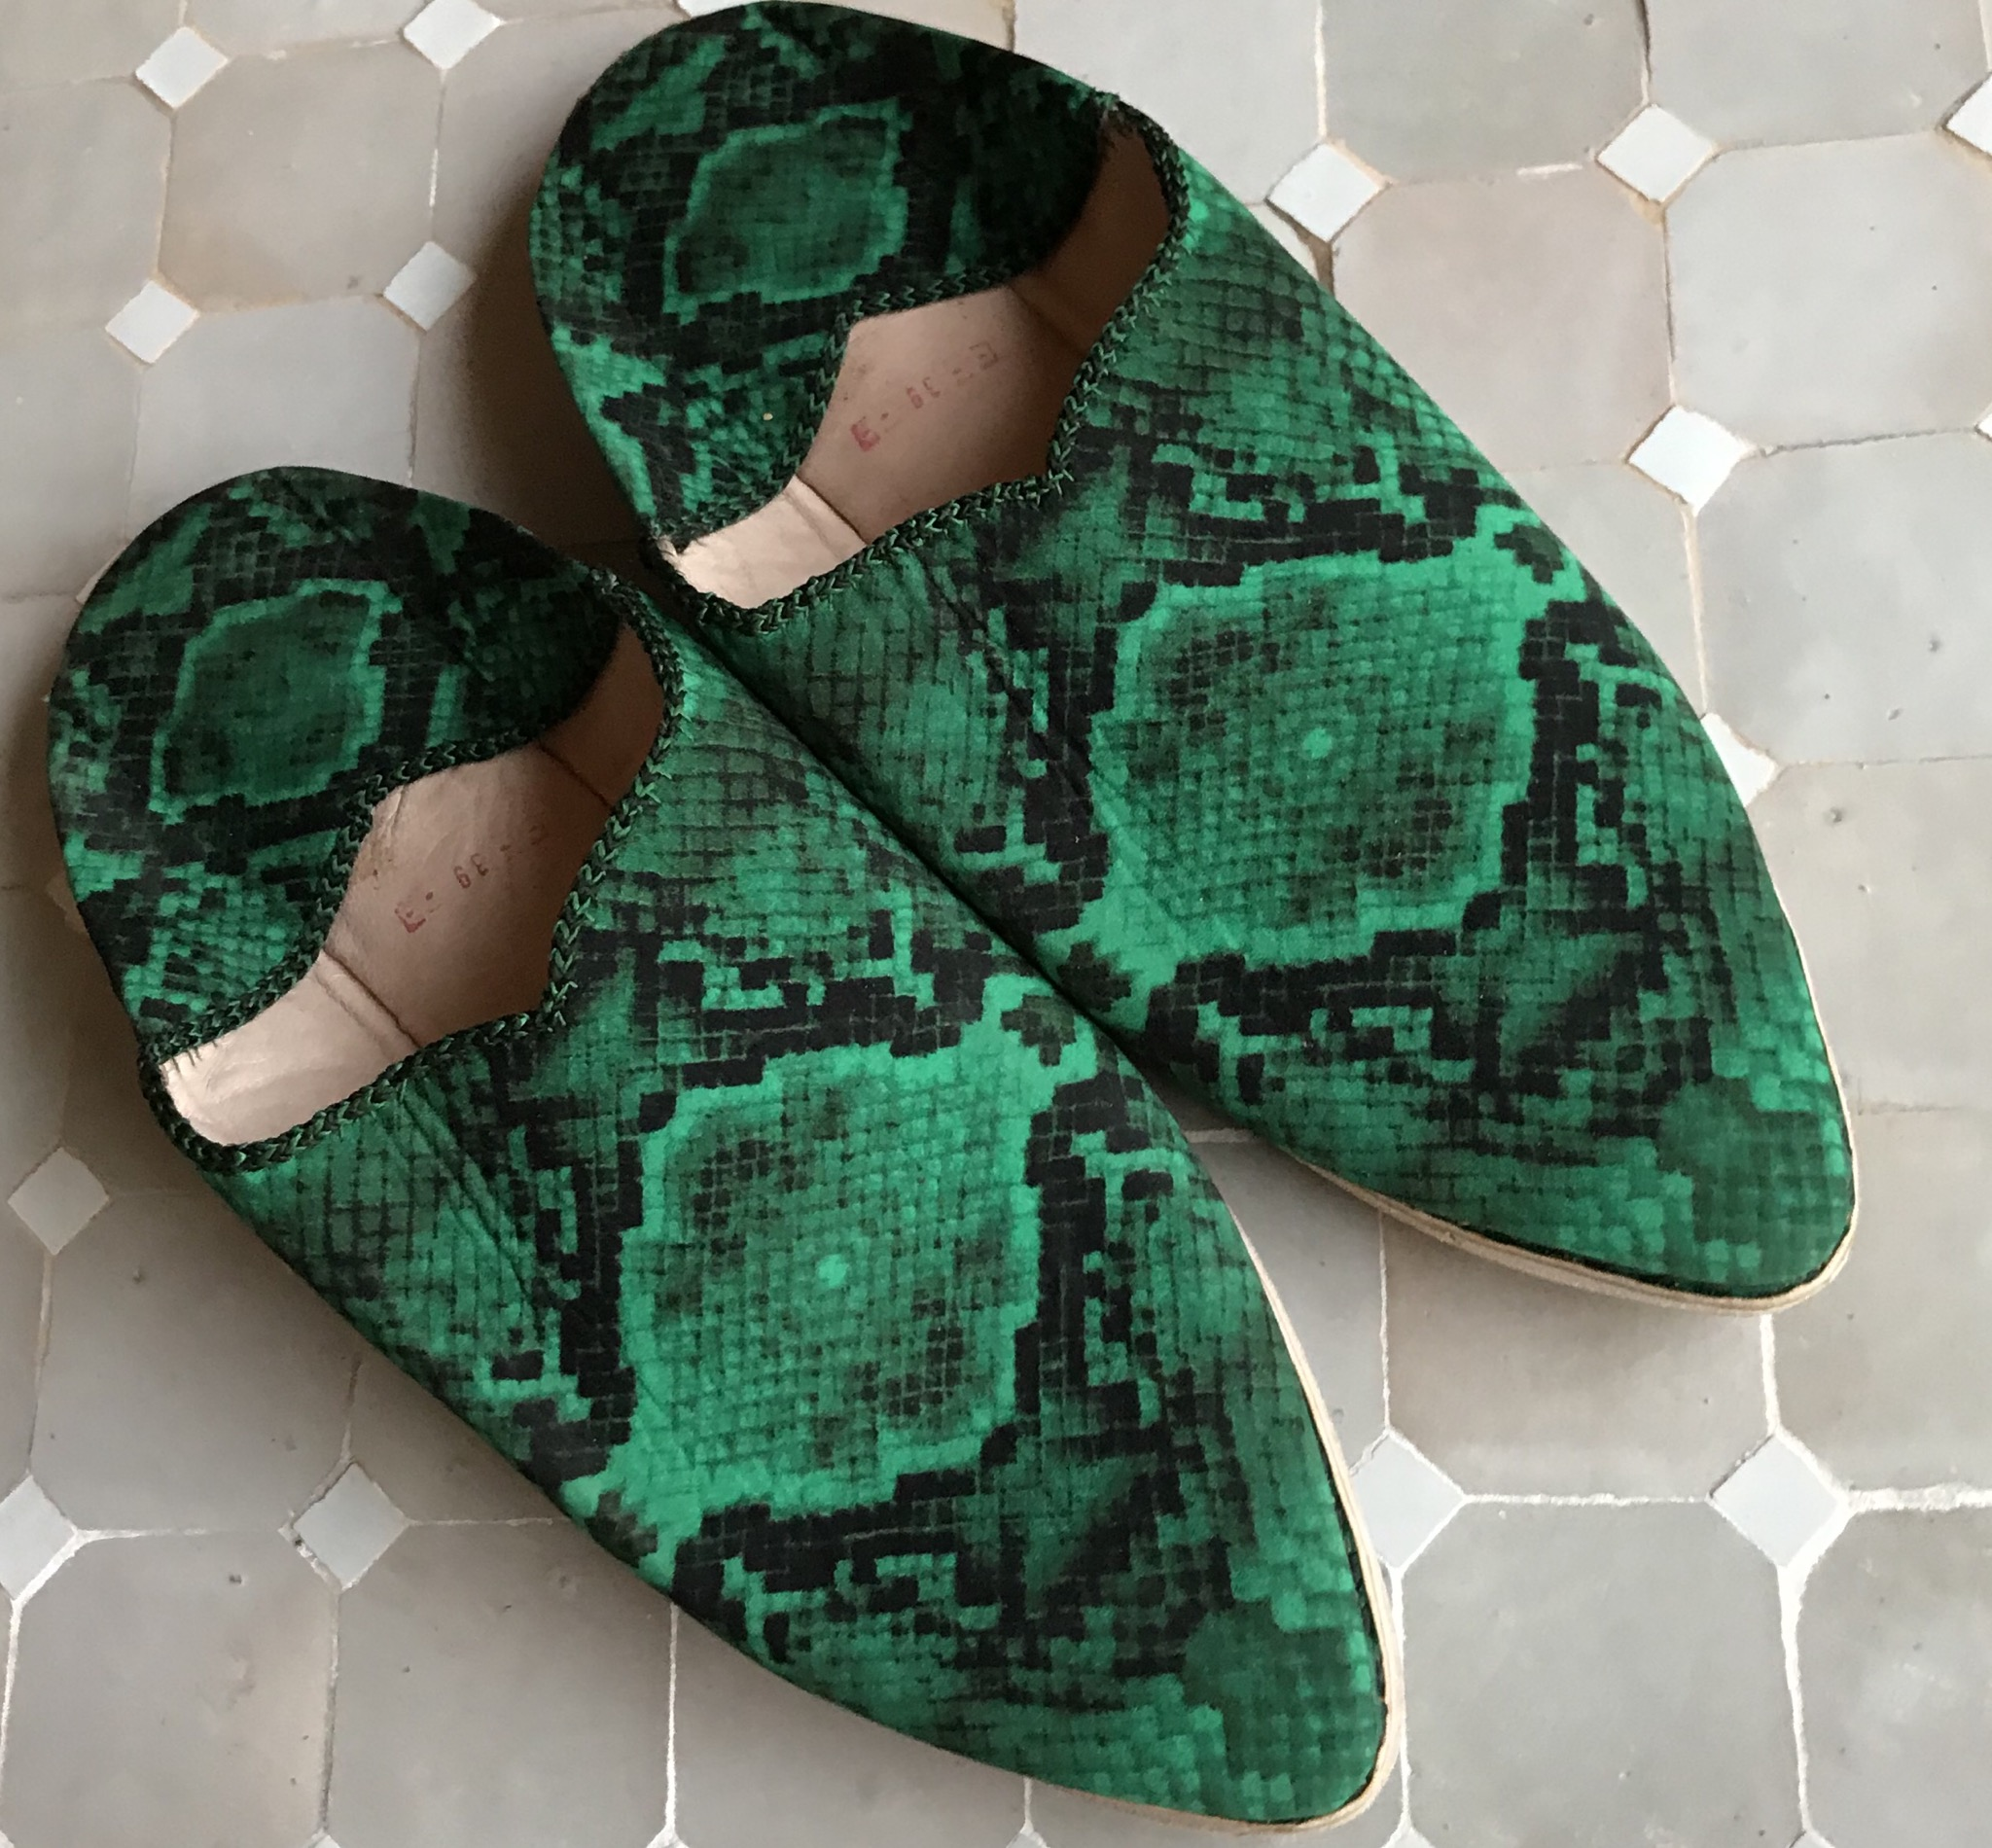 Babouches tissu crêpe de soie imprimés vertes antidérapante